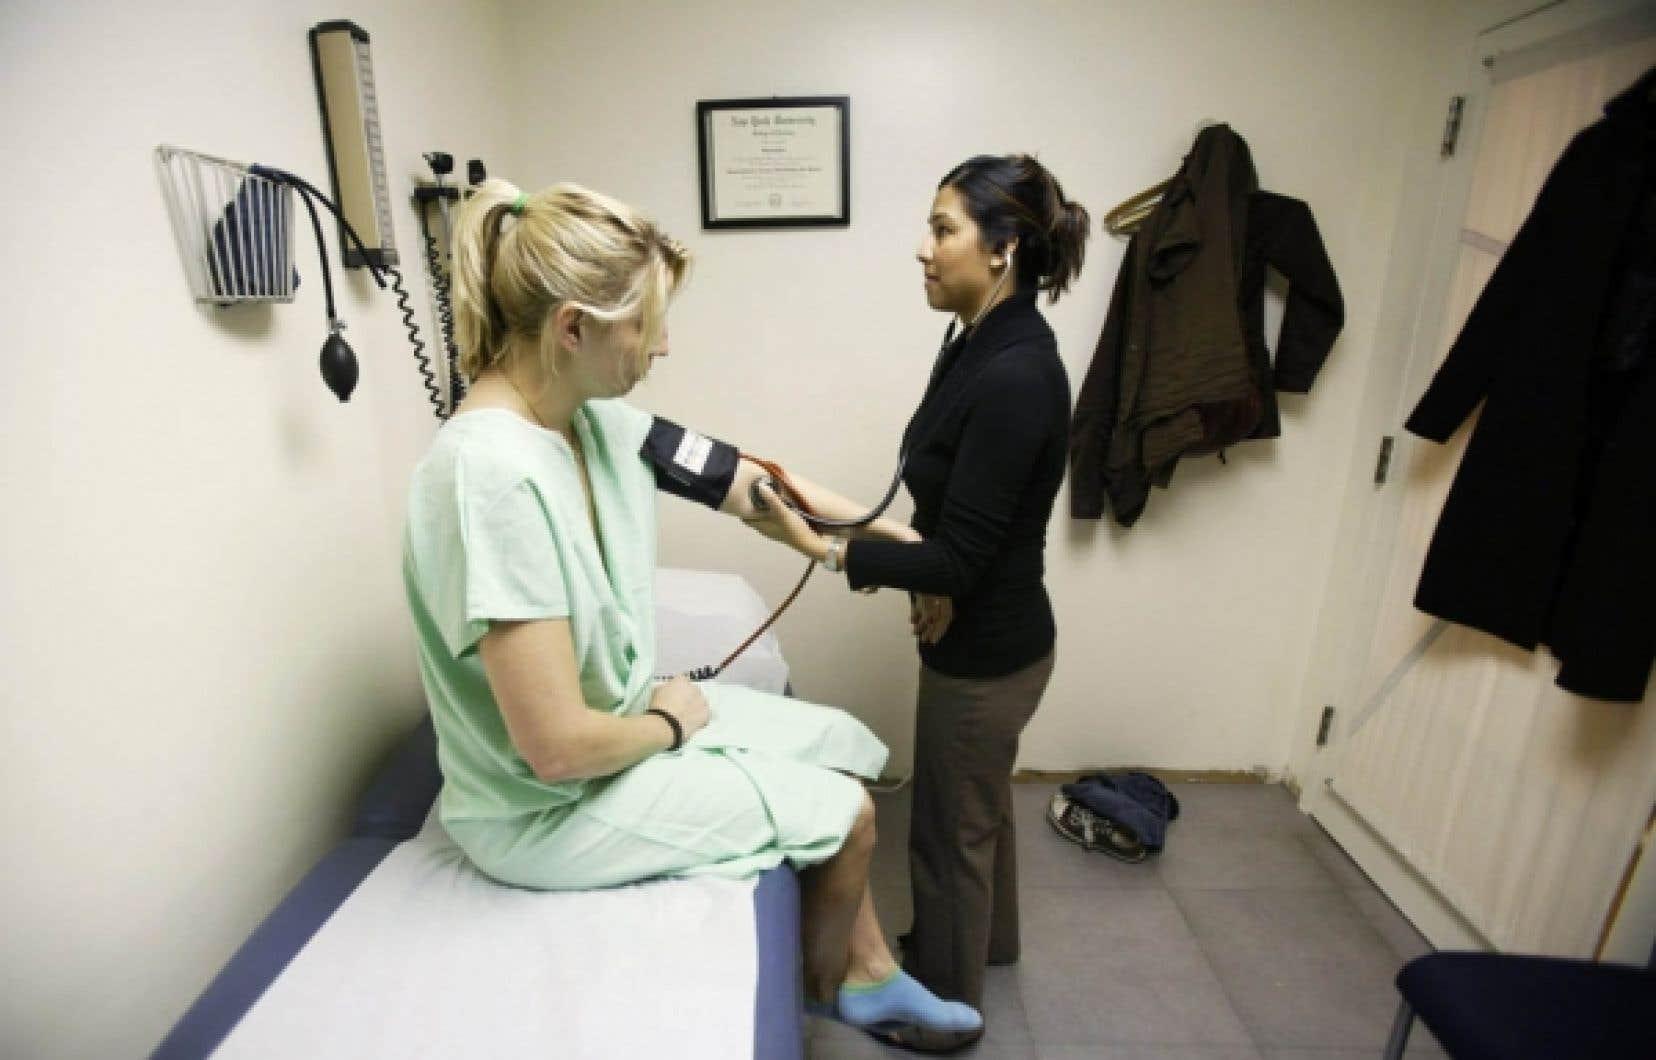 La féminisation de la médecine a amené des changements qui contribuent à la pénurie de médecins.